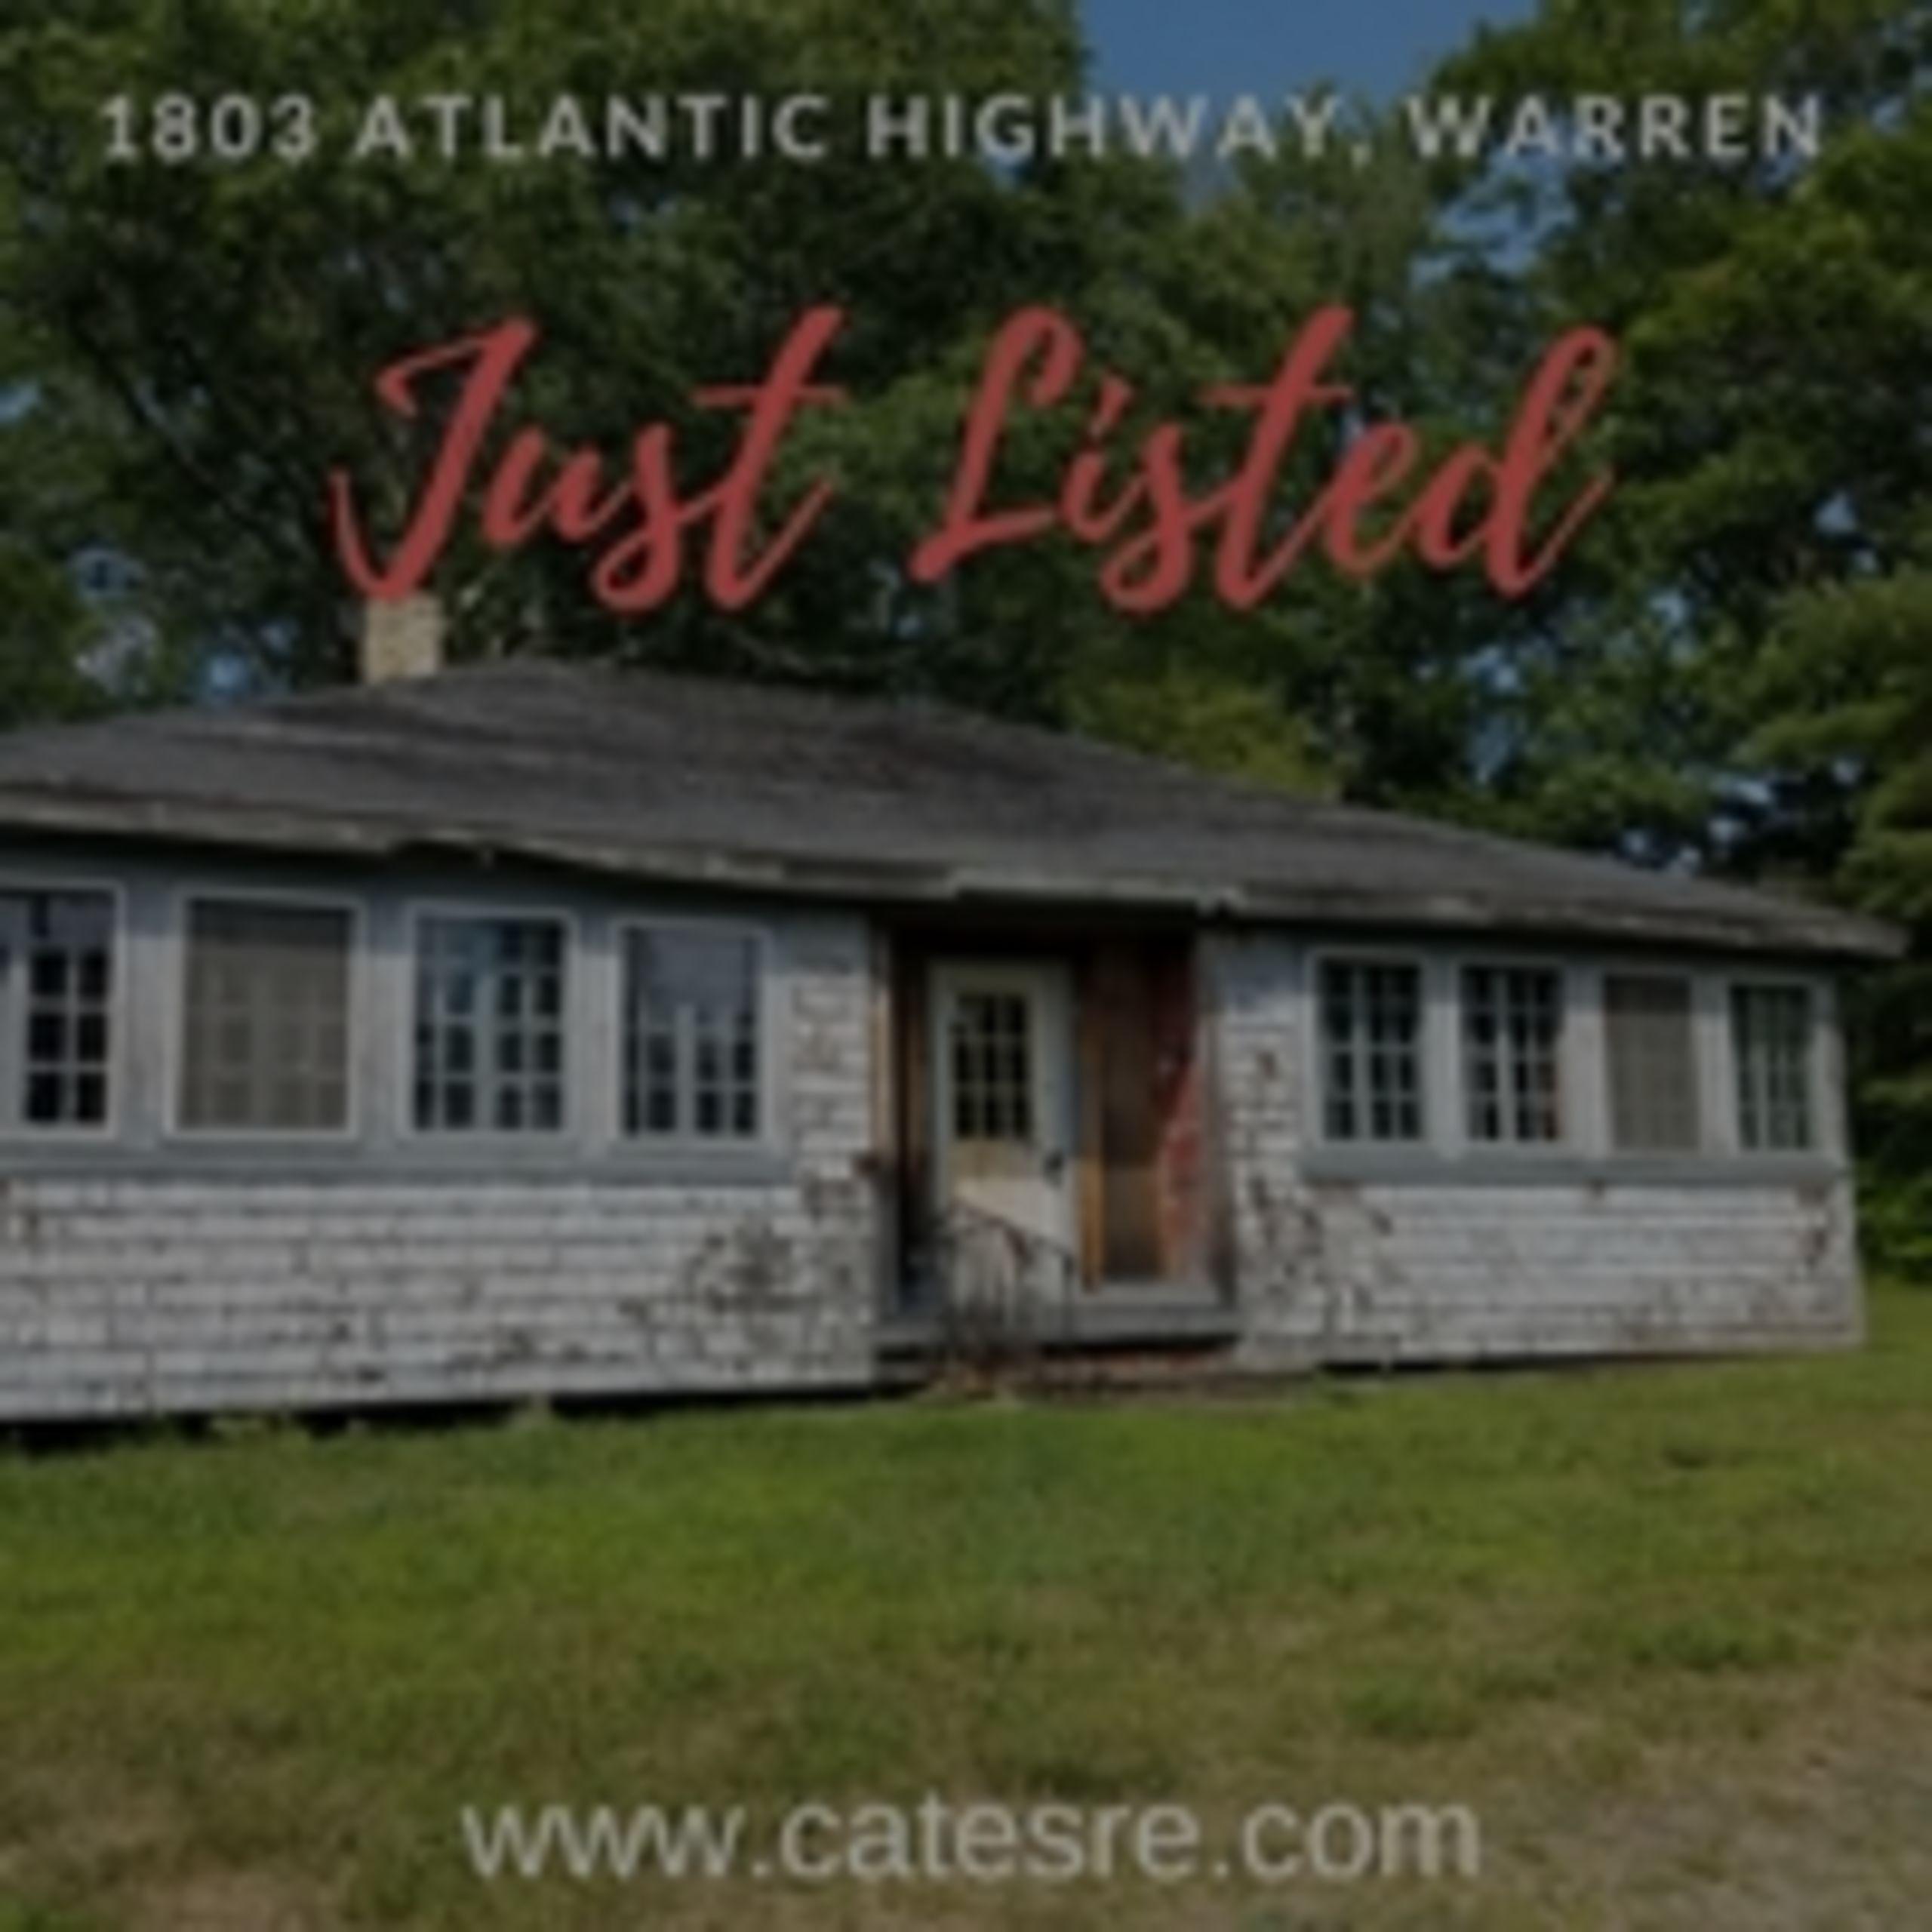 1803 Atlantic Highway, Warren: Fixer Upper